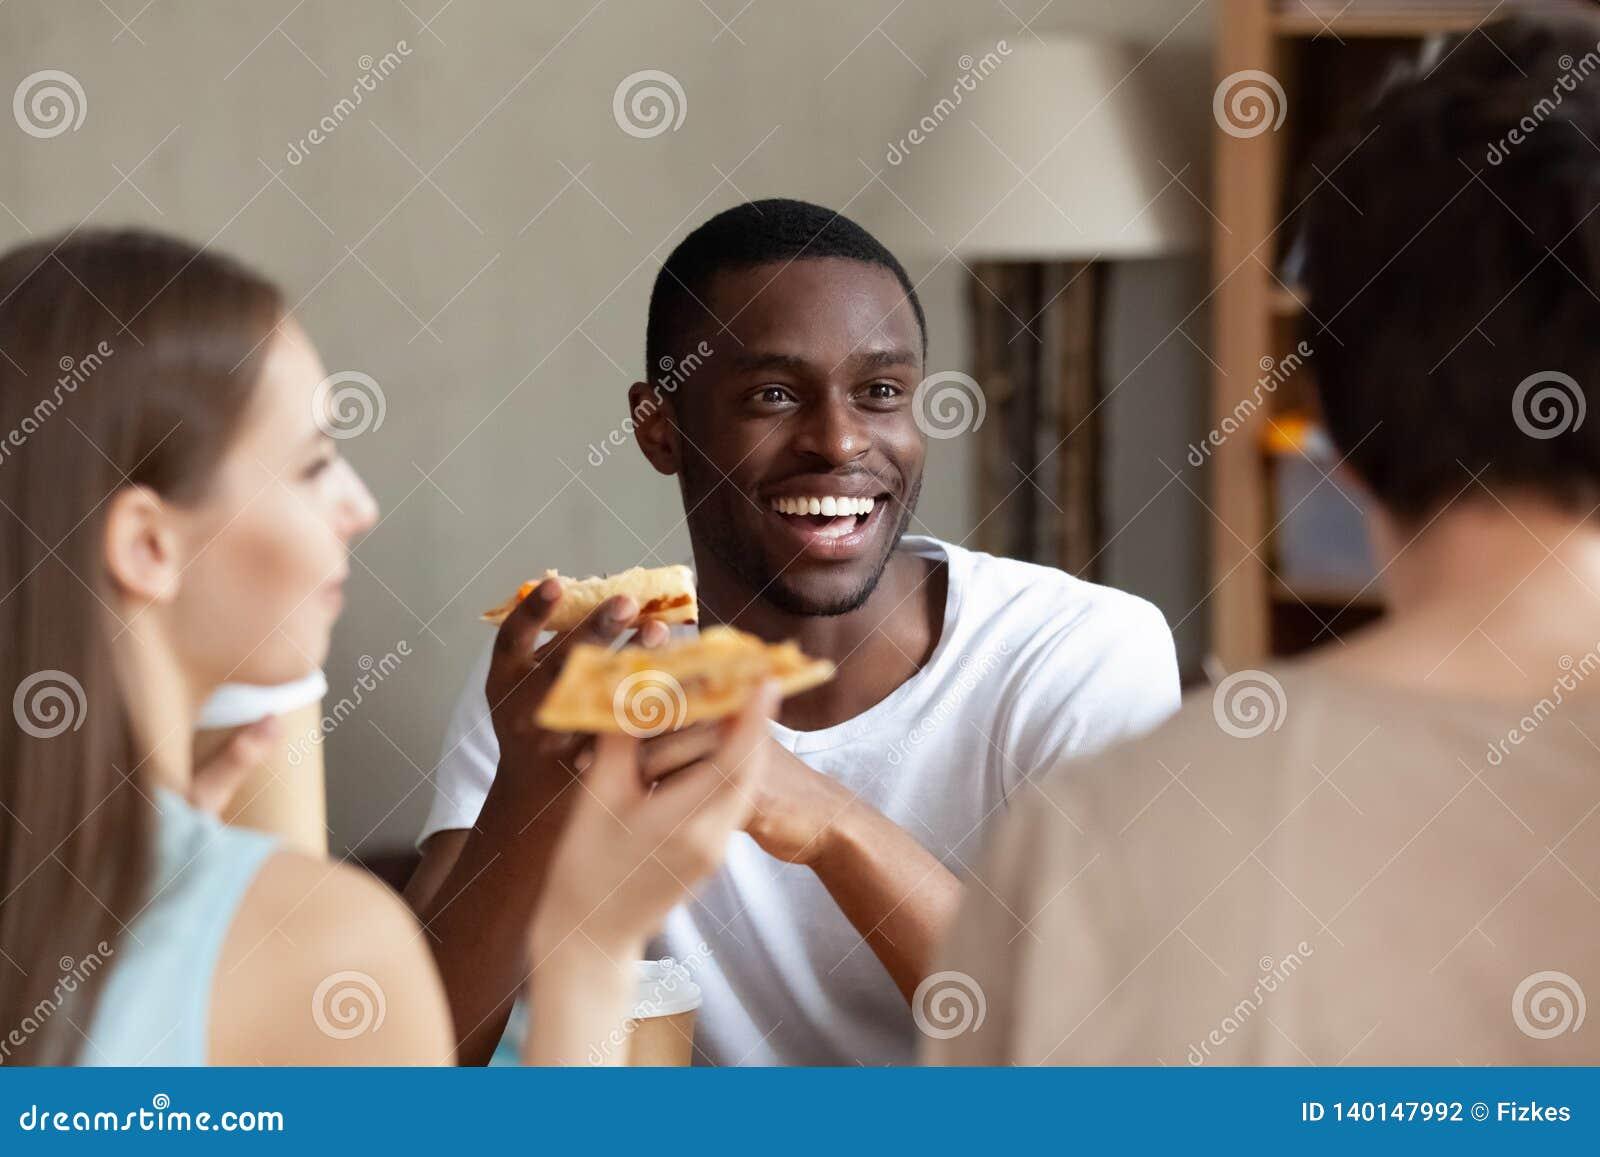 Усмехаясь Афро-американский человек есть пиццу, беседуя с друзьями